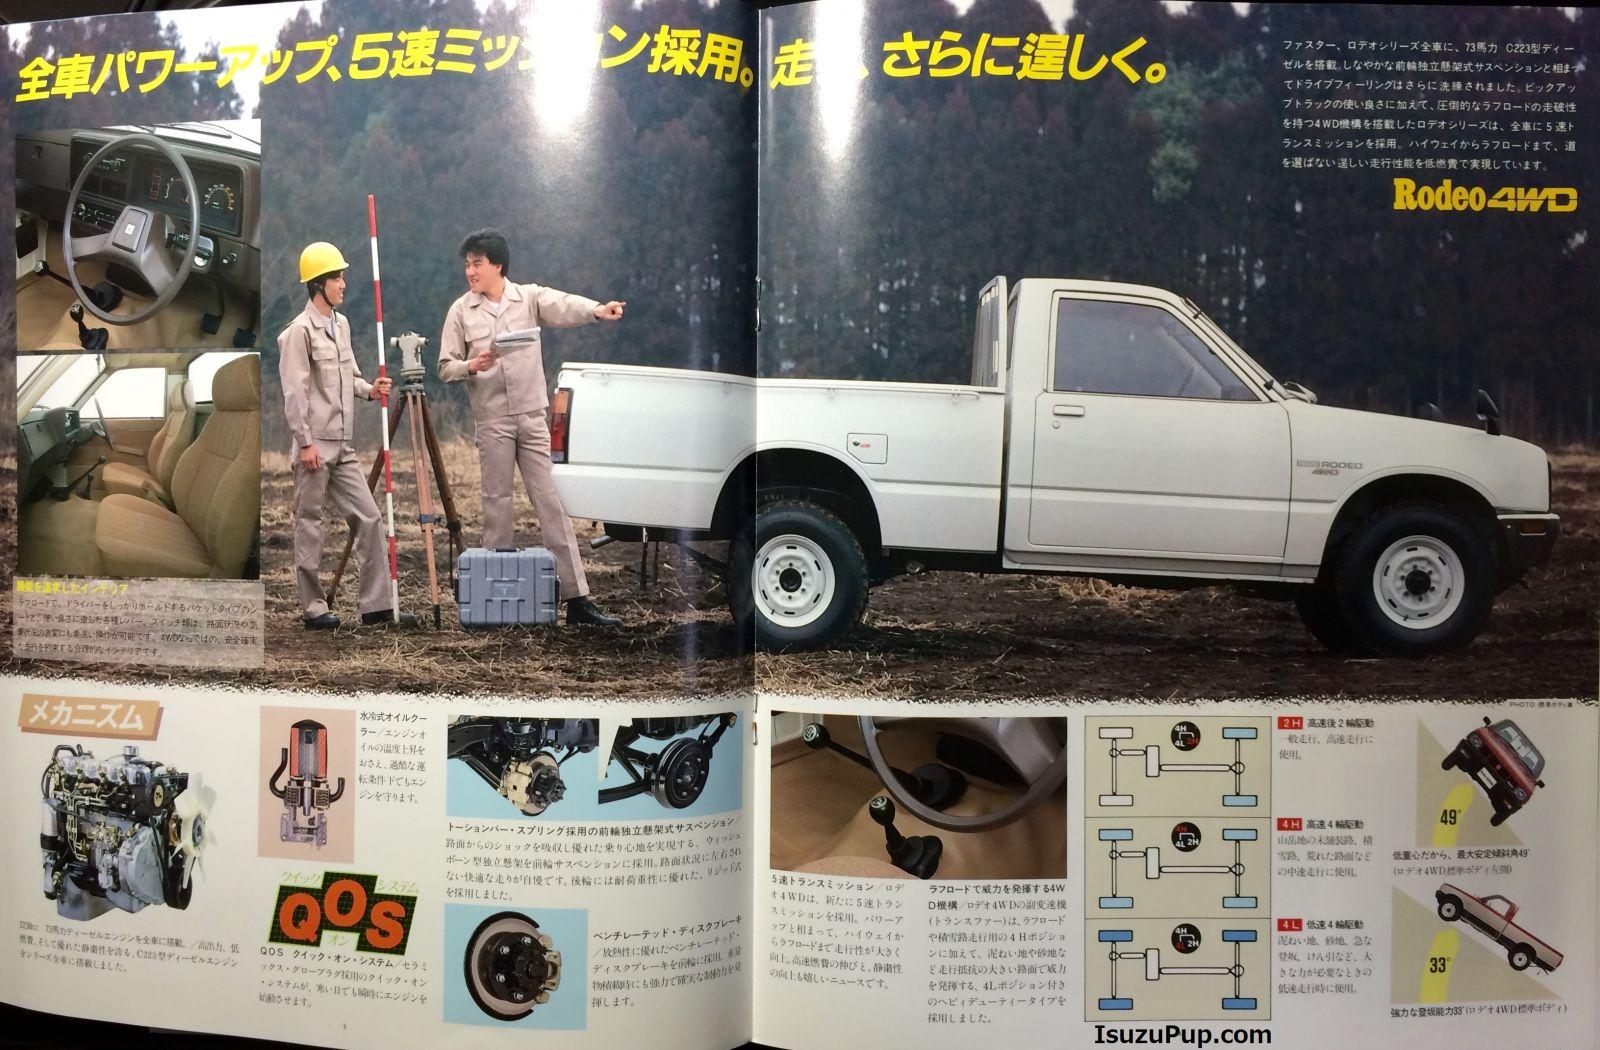 1985 Isuzu Faster, Rodeo 4WD, Rodeo Super 003.jpg